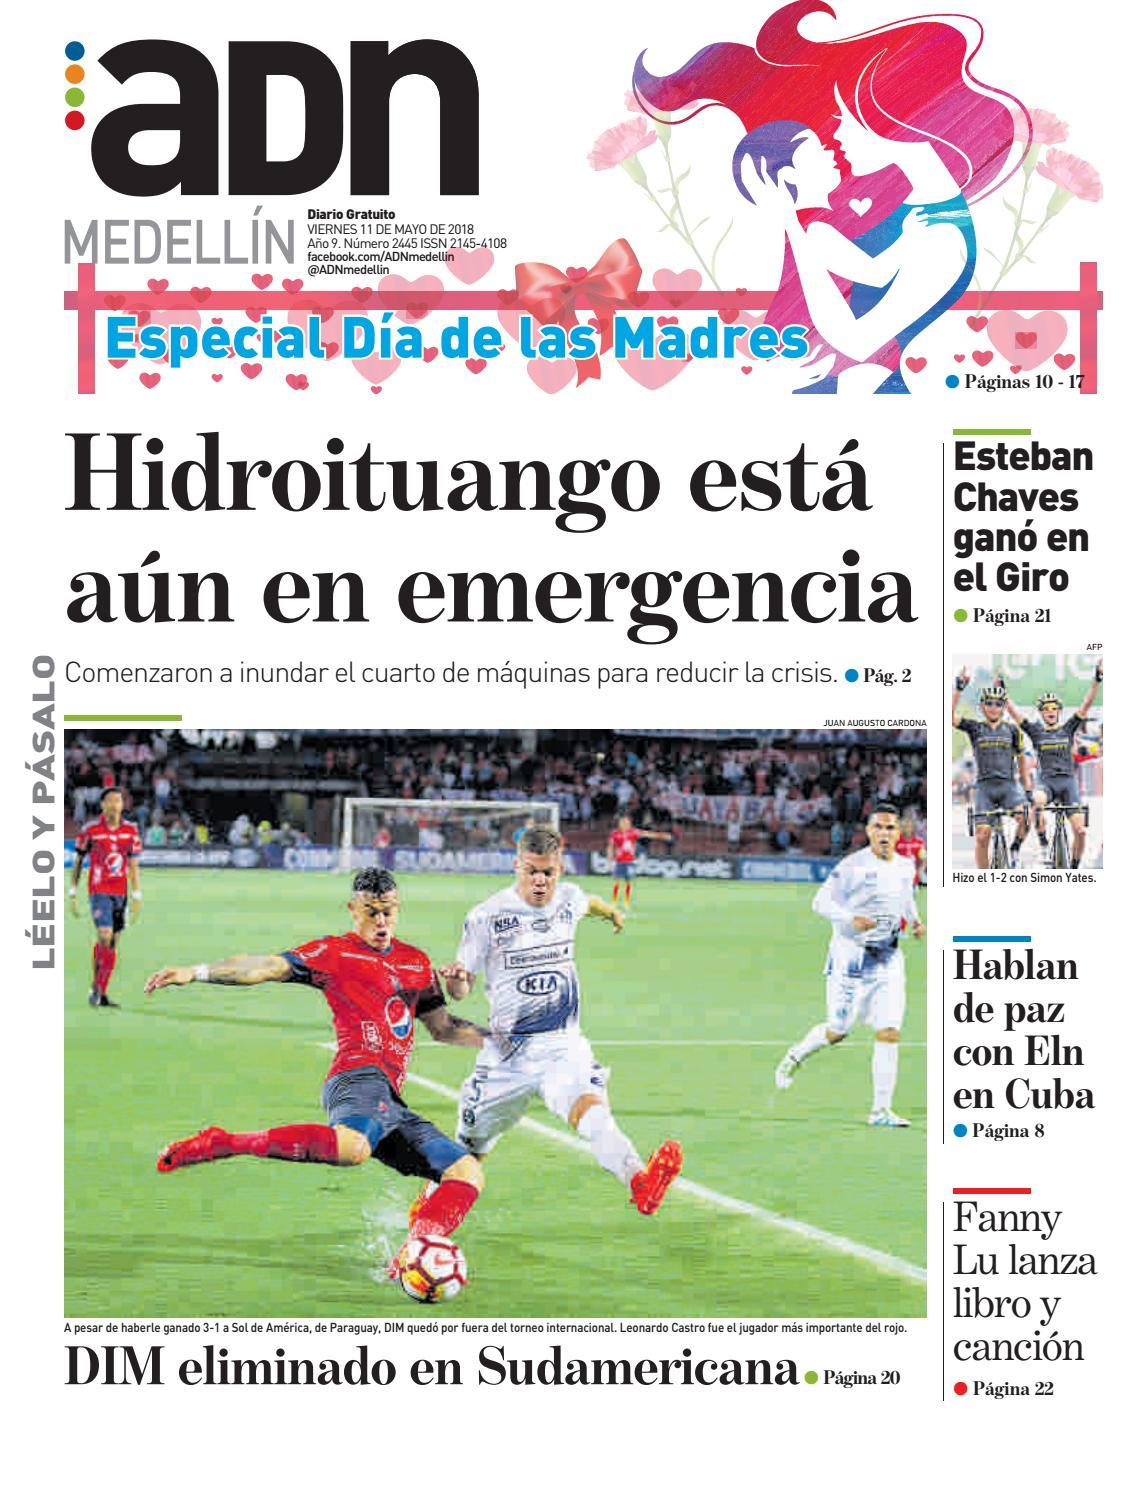 Adn medellin mayo11 by diarioadn.co - issuu